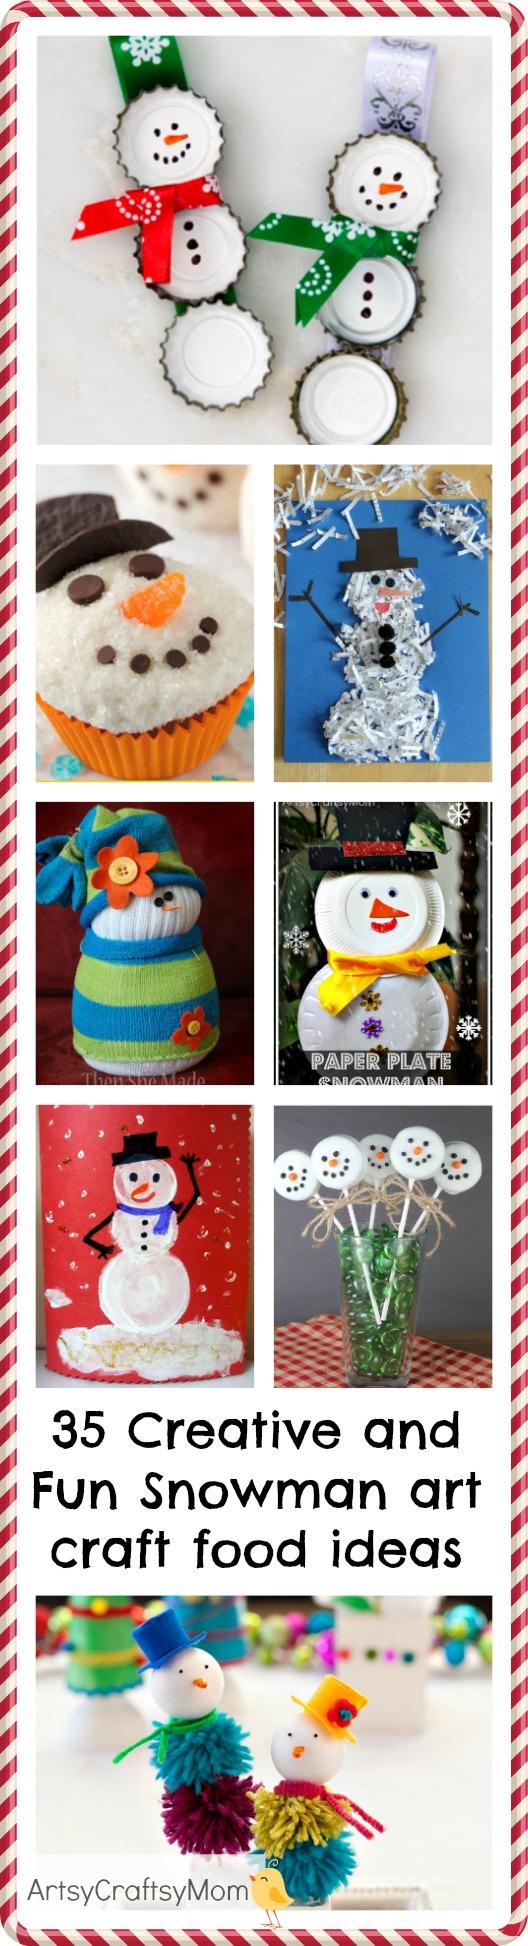 Craft Ideas For Kids Under